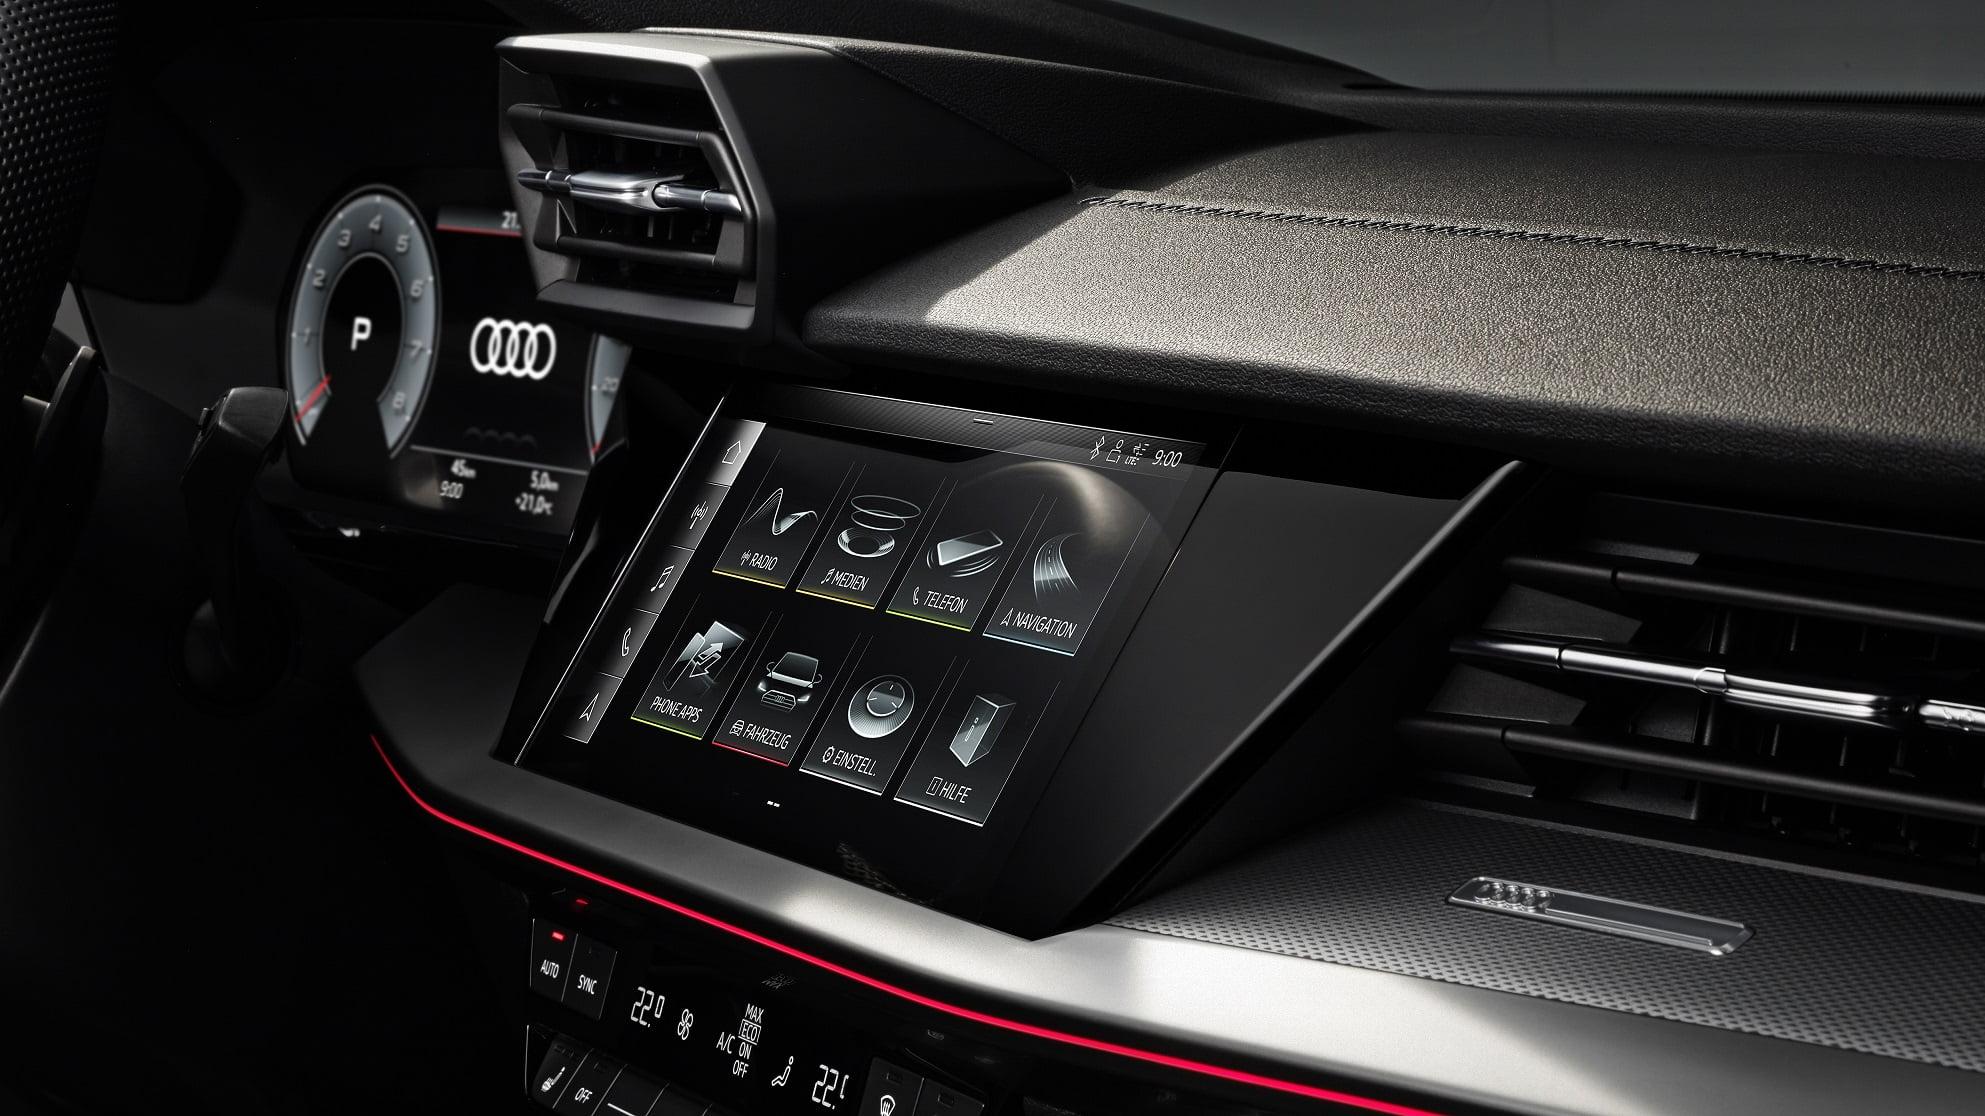 Νέο Audi A3 Sedan - Σύστημα infotainment για κορυφαία συνδεσιμότητα